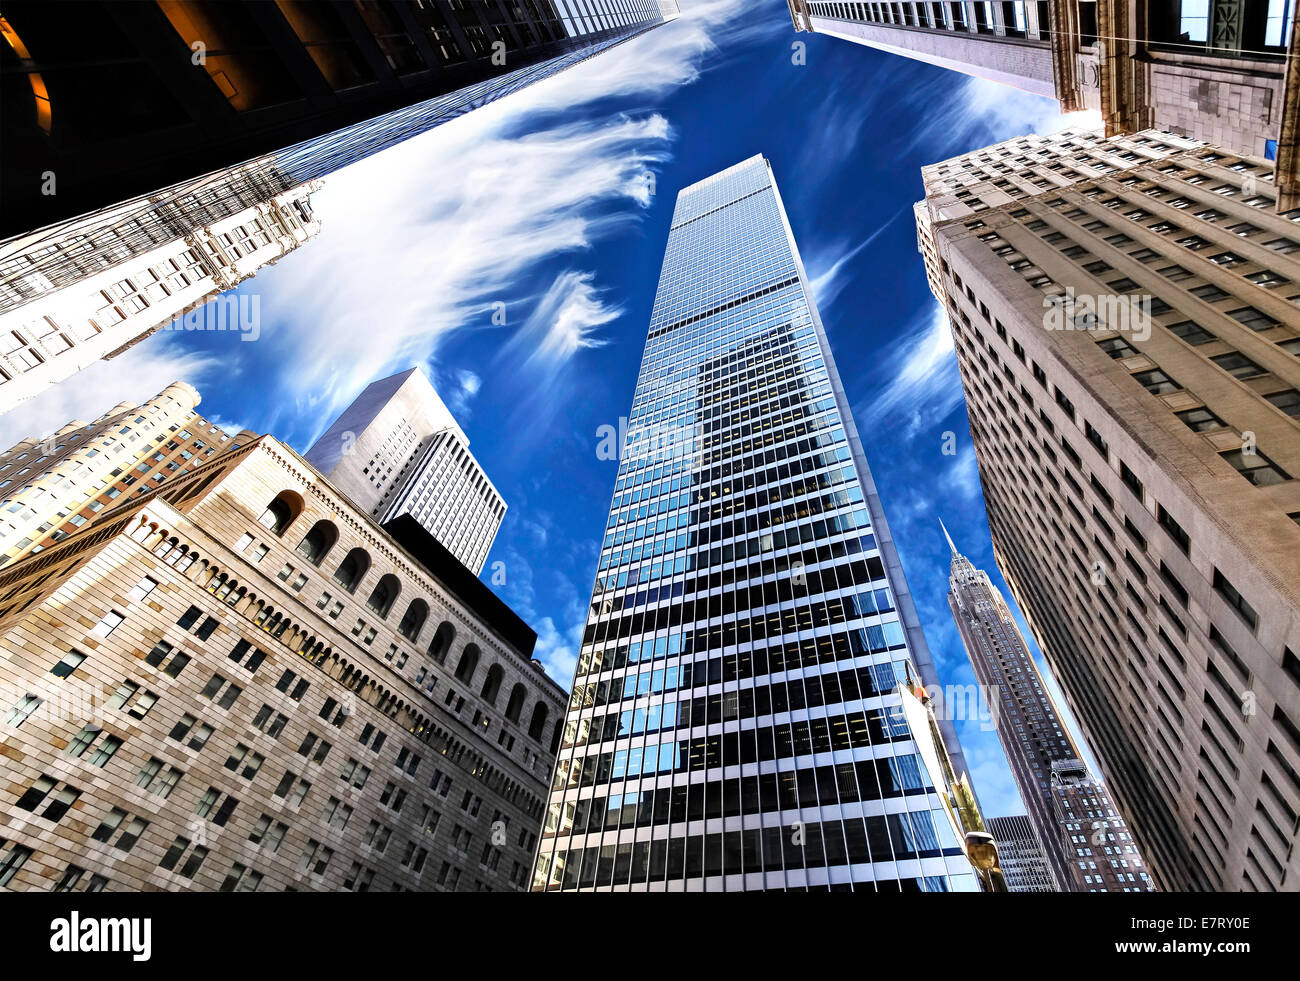 Los rascacielos de Manhattan, mirando hacia el cielo, la ciudad de Nueva York. Imagen De Stock